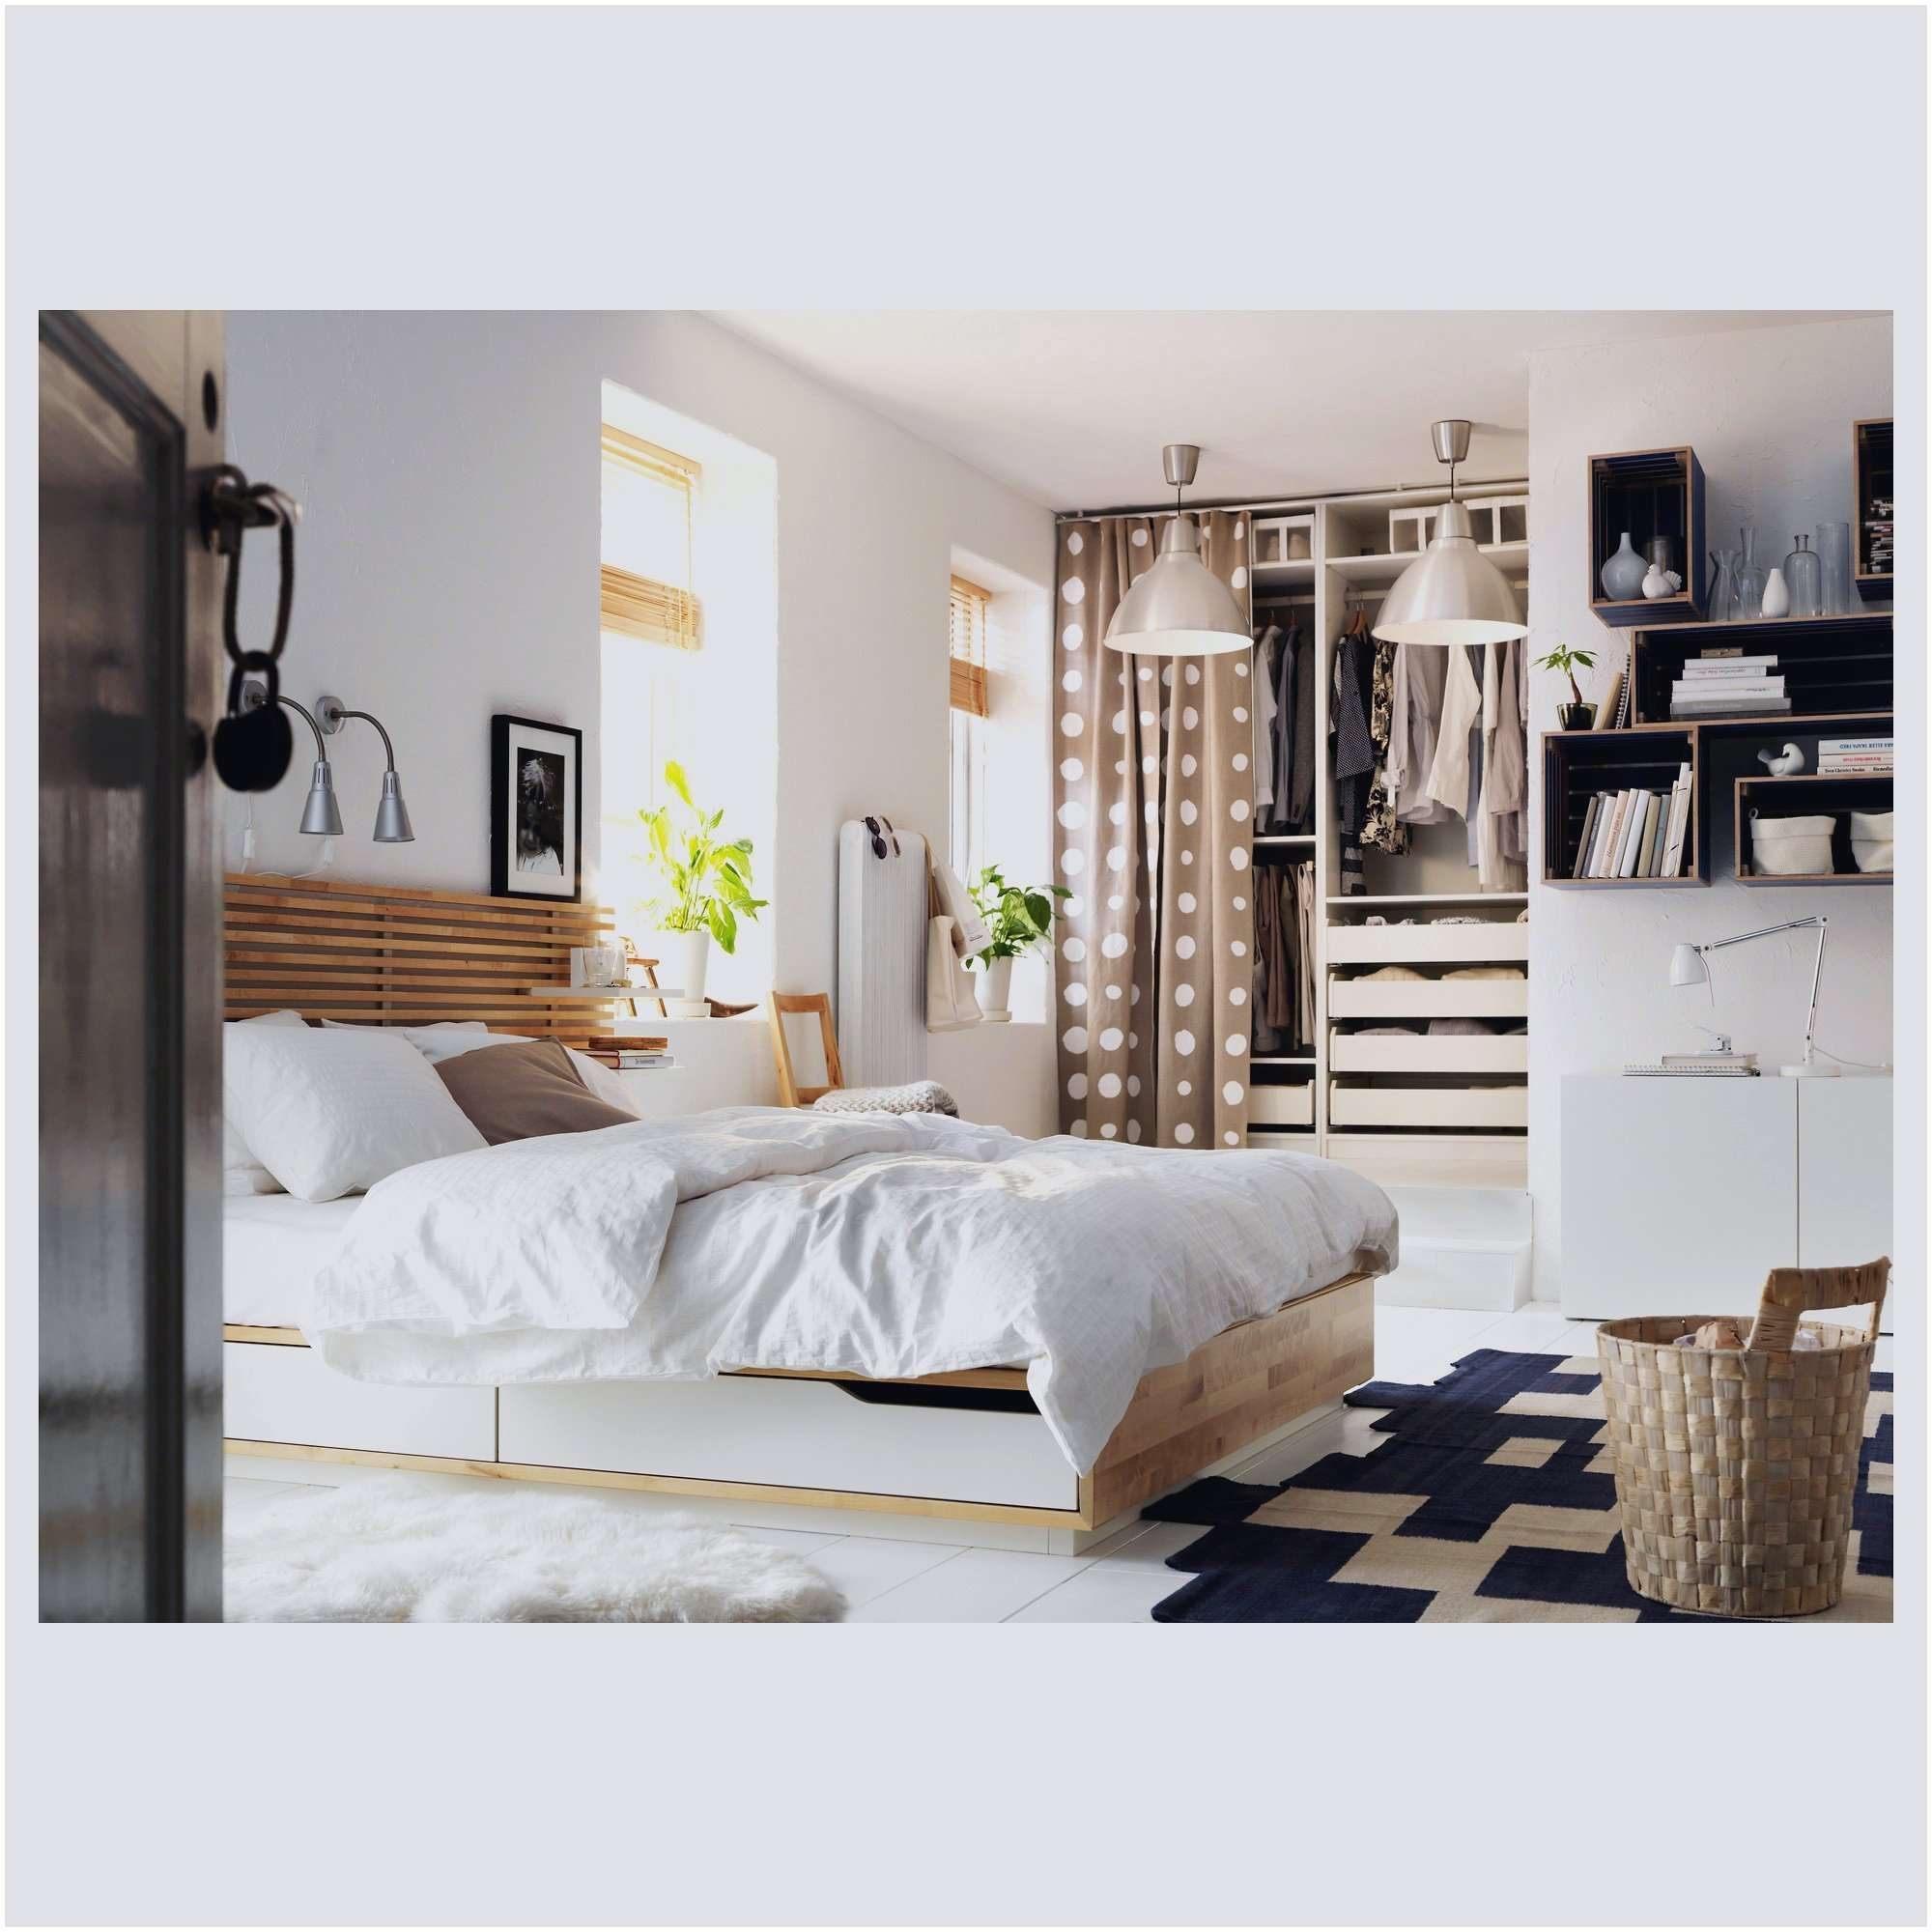 Tete De Lit Lambris Génial Inspiré Ikea Tete De Lit Avec Rangement Pour Choix Tete De Lit En